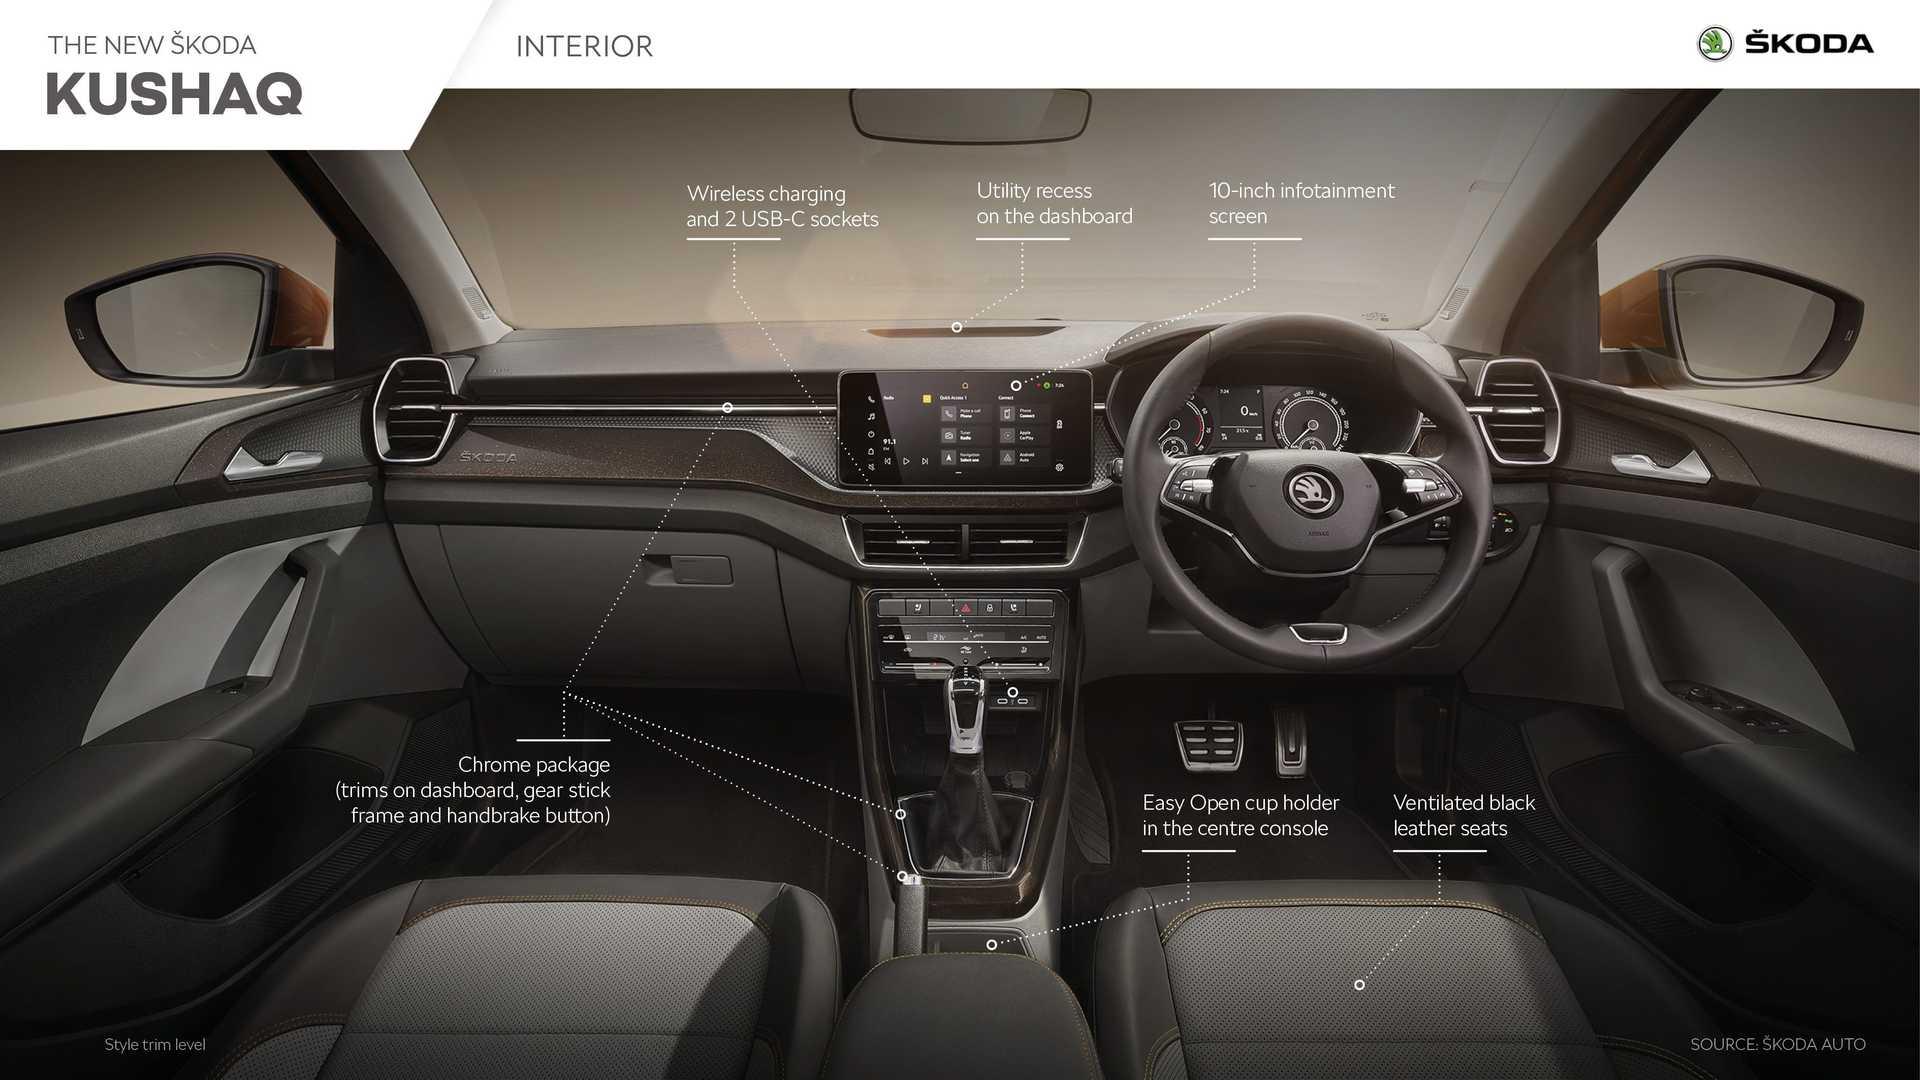 2021 skoda kushaq key features and interior